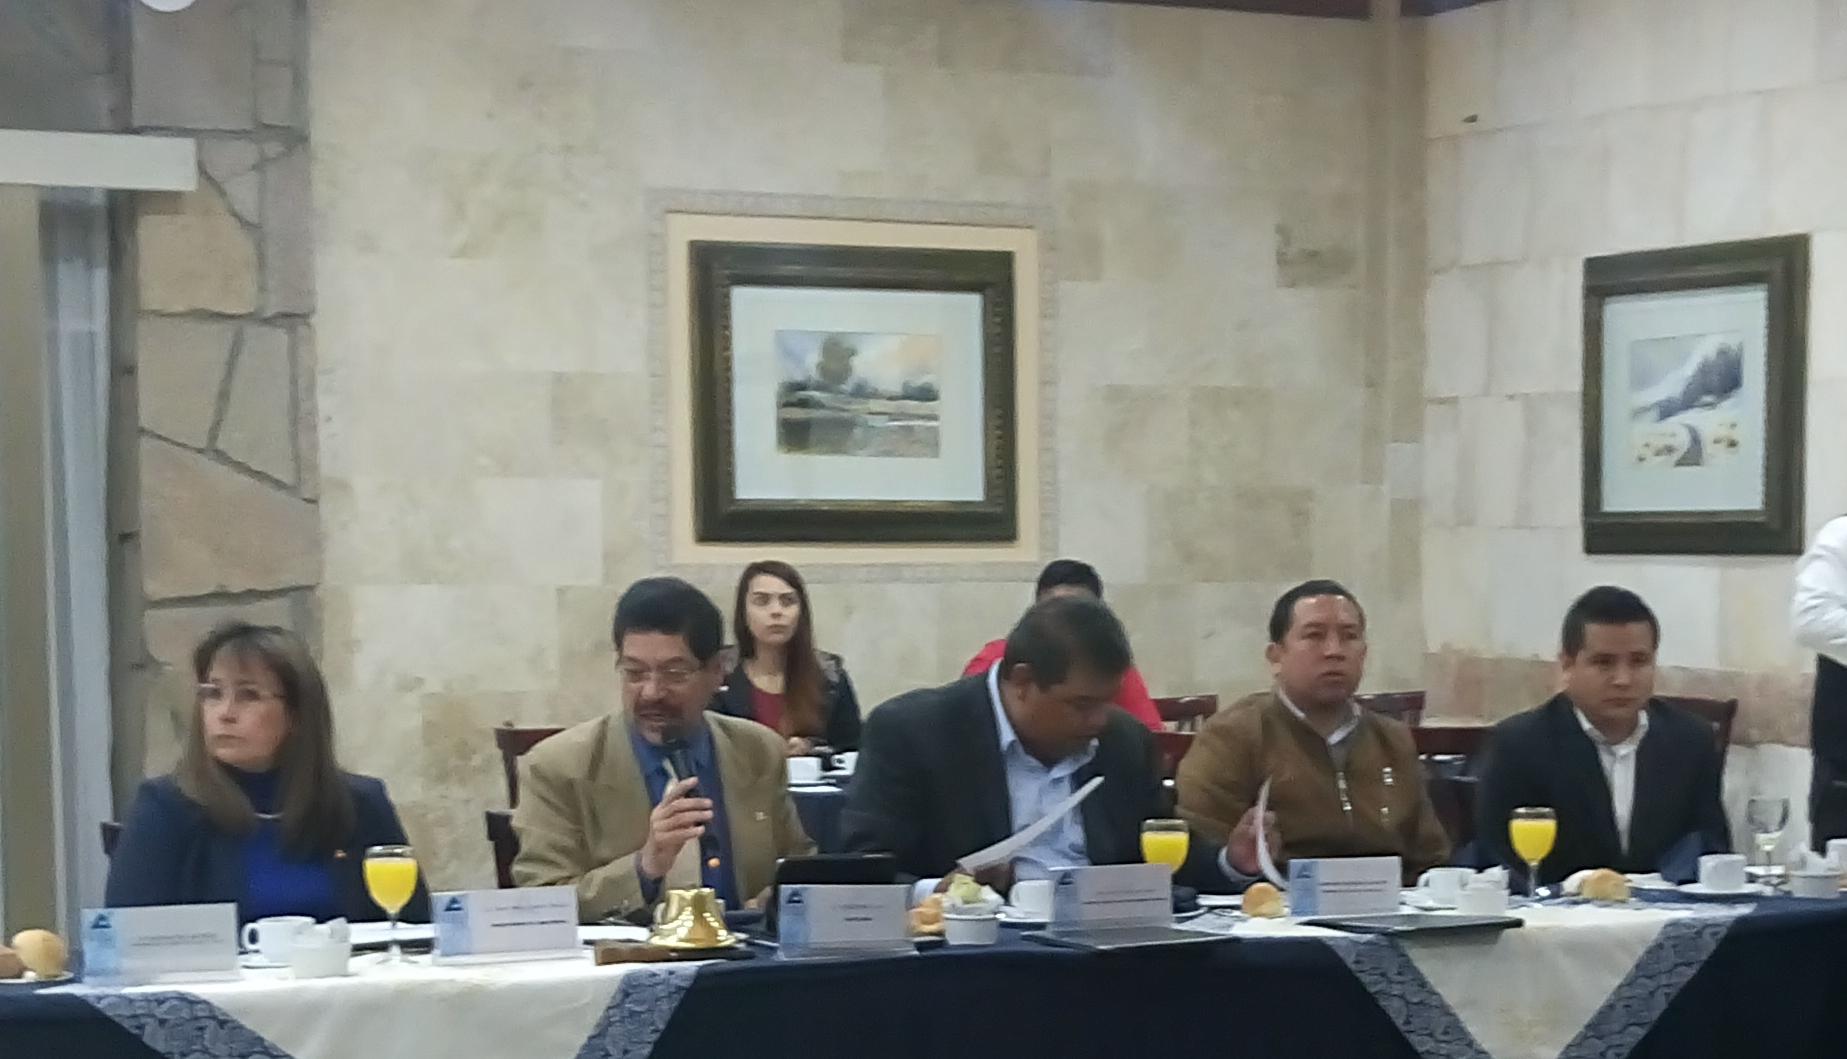 uan Carlos Bautista Santos, Presidente Municipal de Ixtlahuaca,